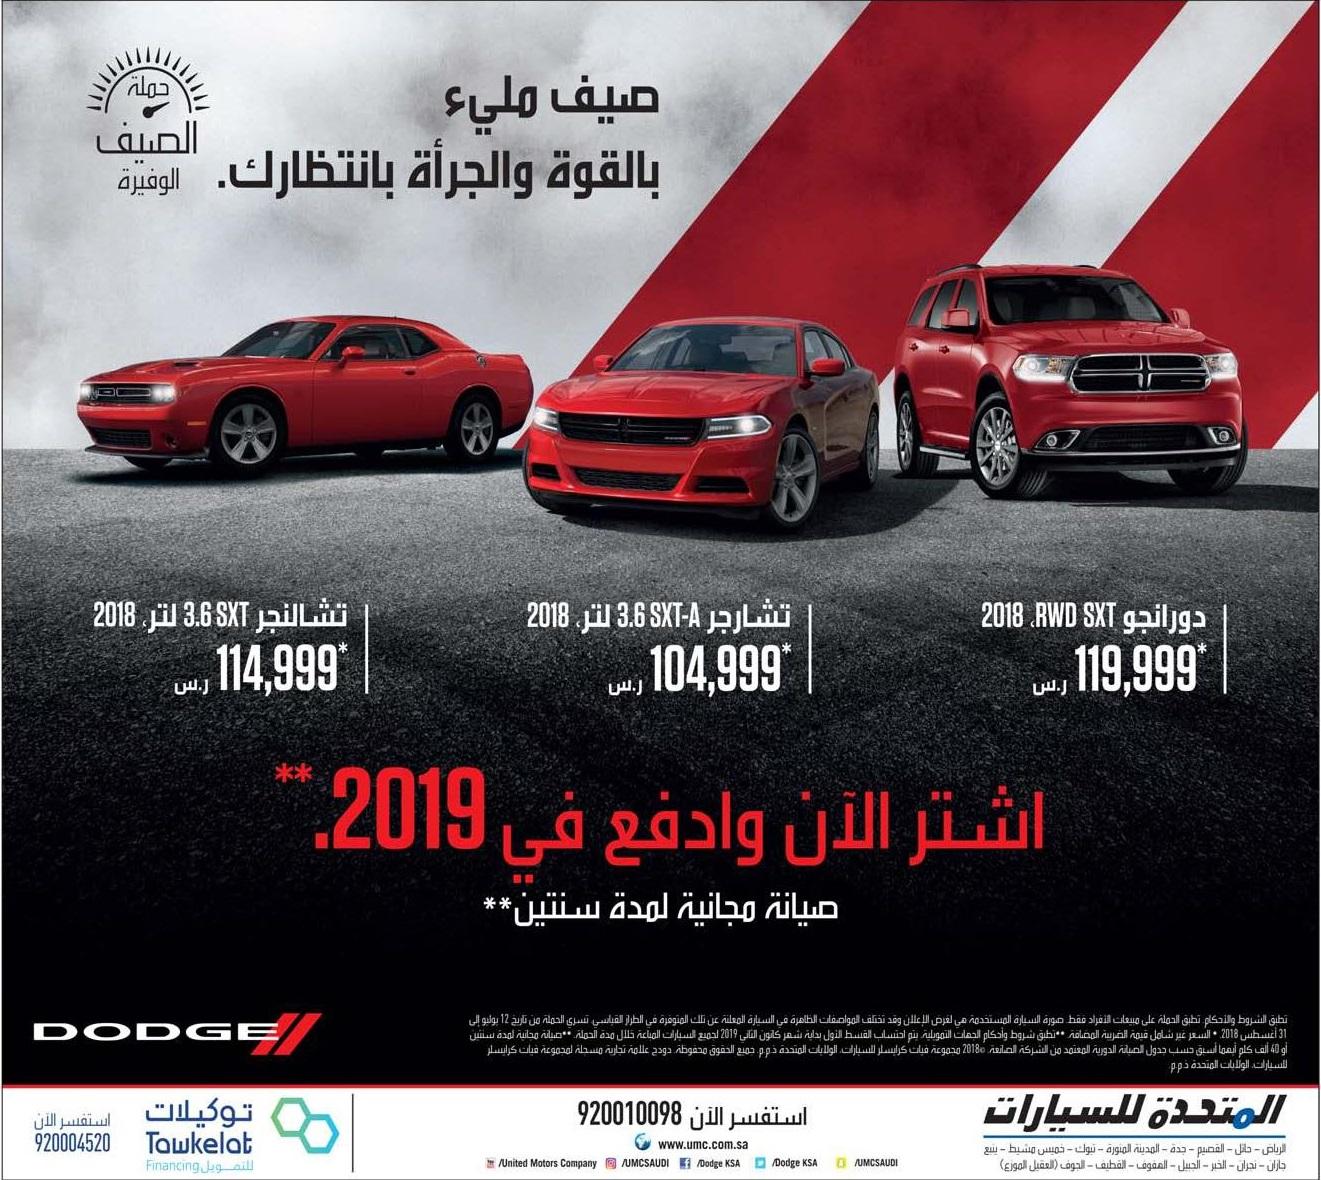 عروض المتحدة للسيارات علي سيارة تشالنجر بسعر 114 999 ريال سعودي عروض اليوم Ads Car Dodge